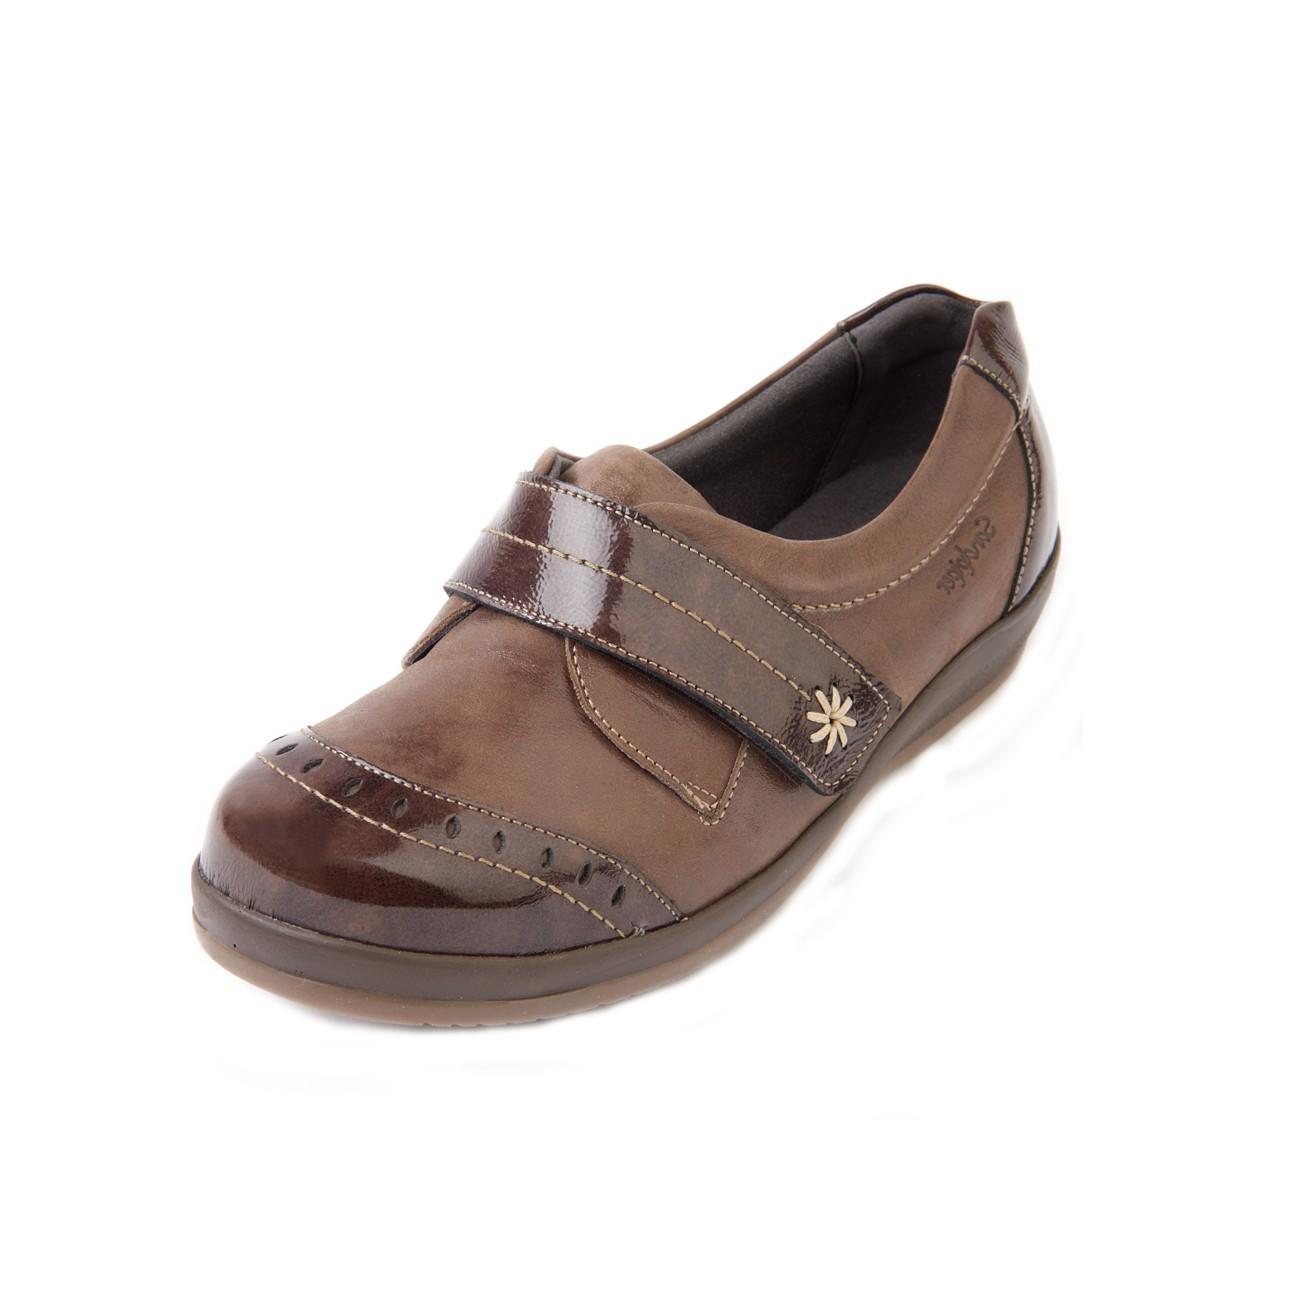 Fenwick Roomy Shoe and ladie's wider fitting footwear